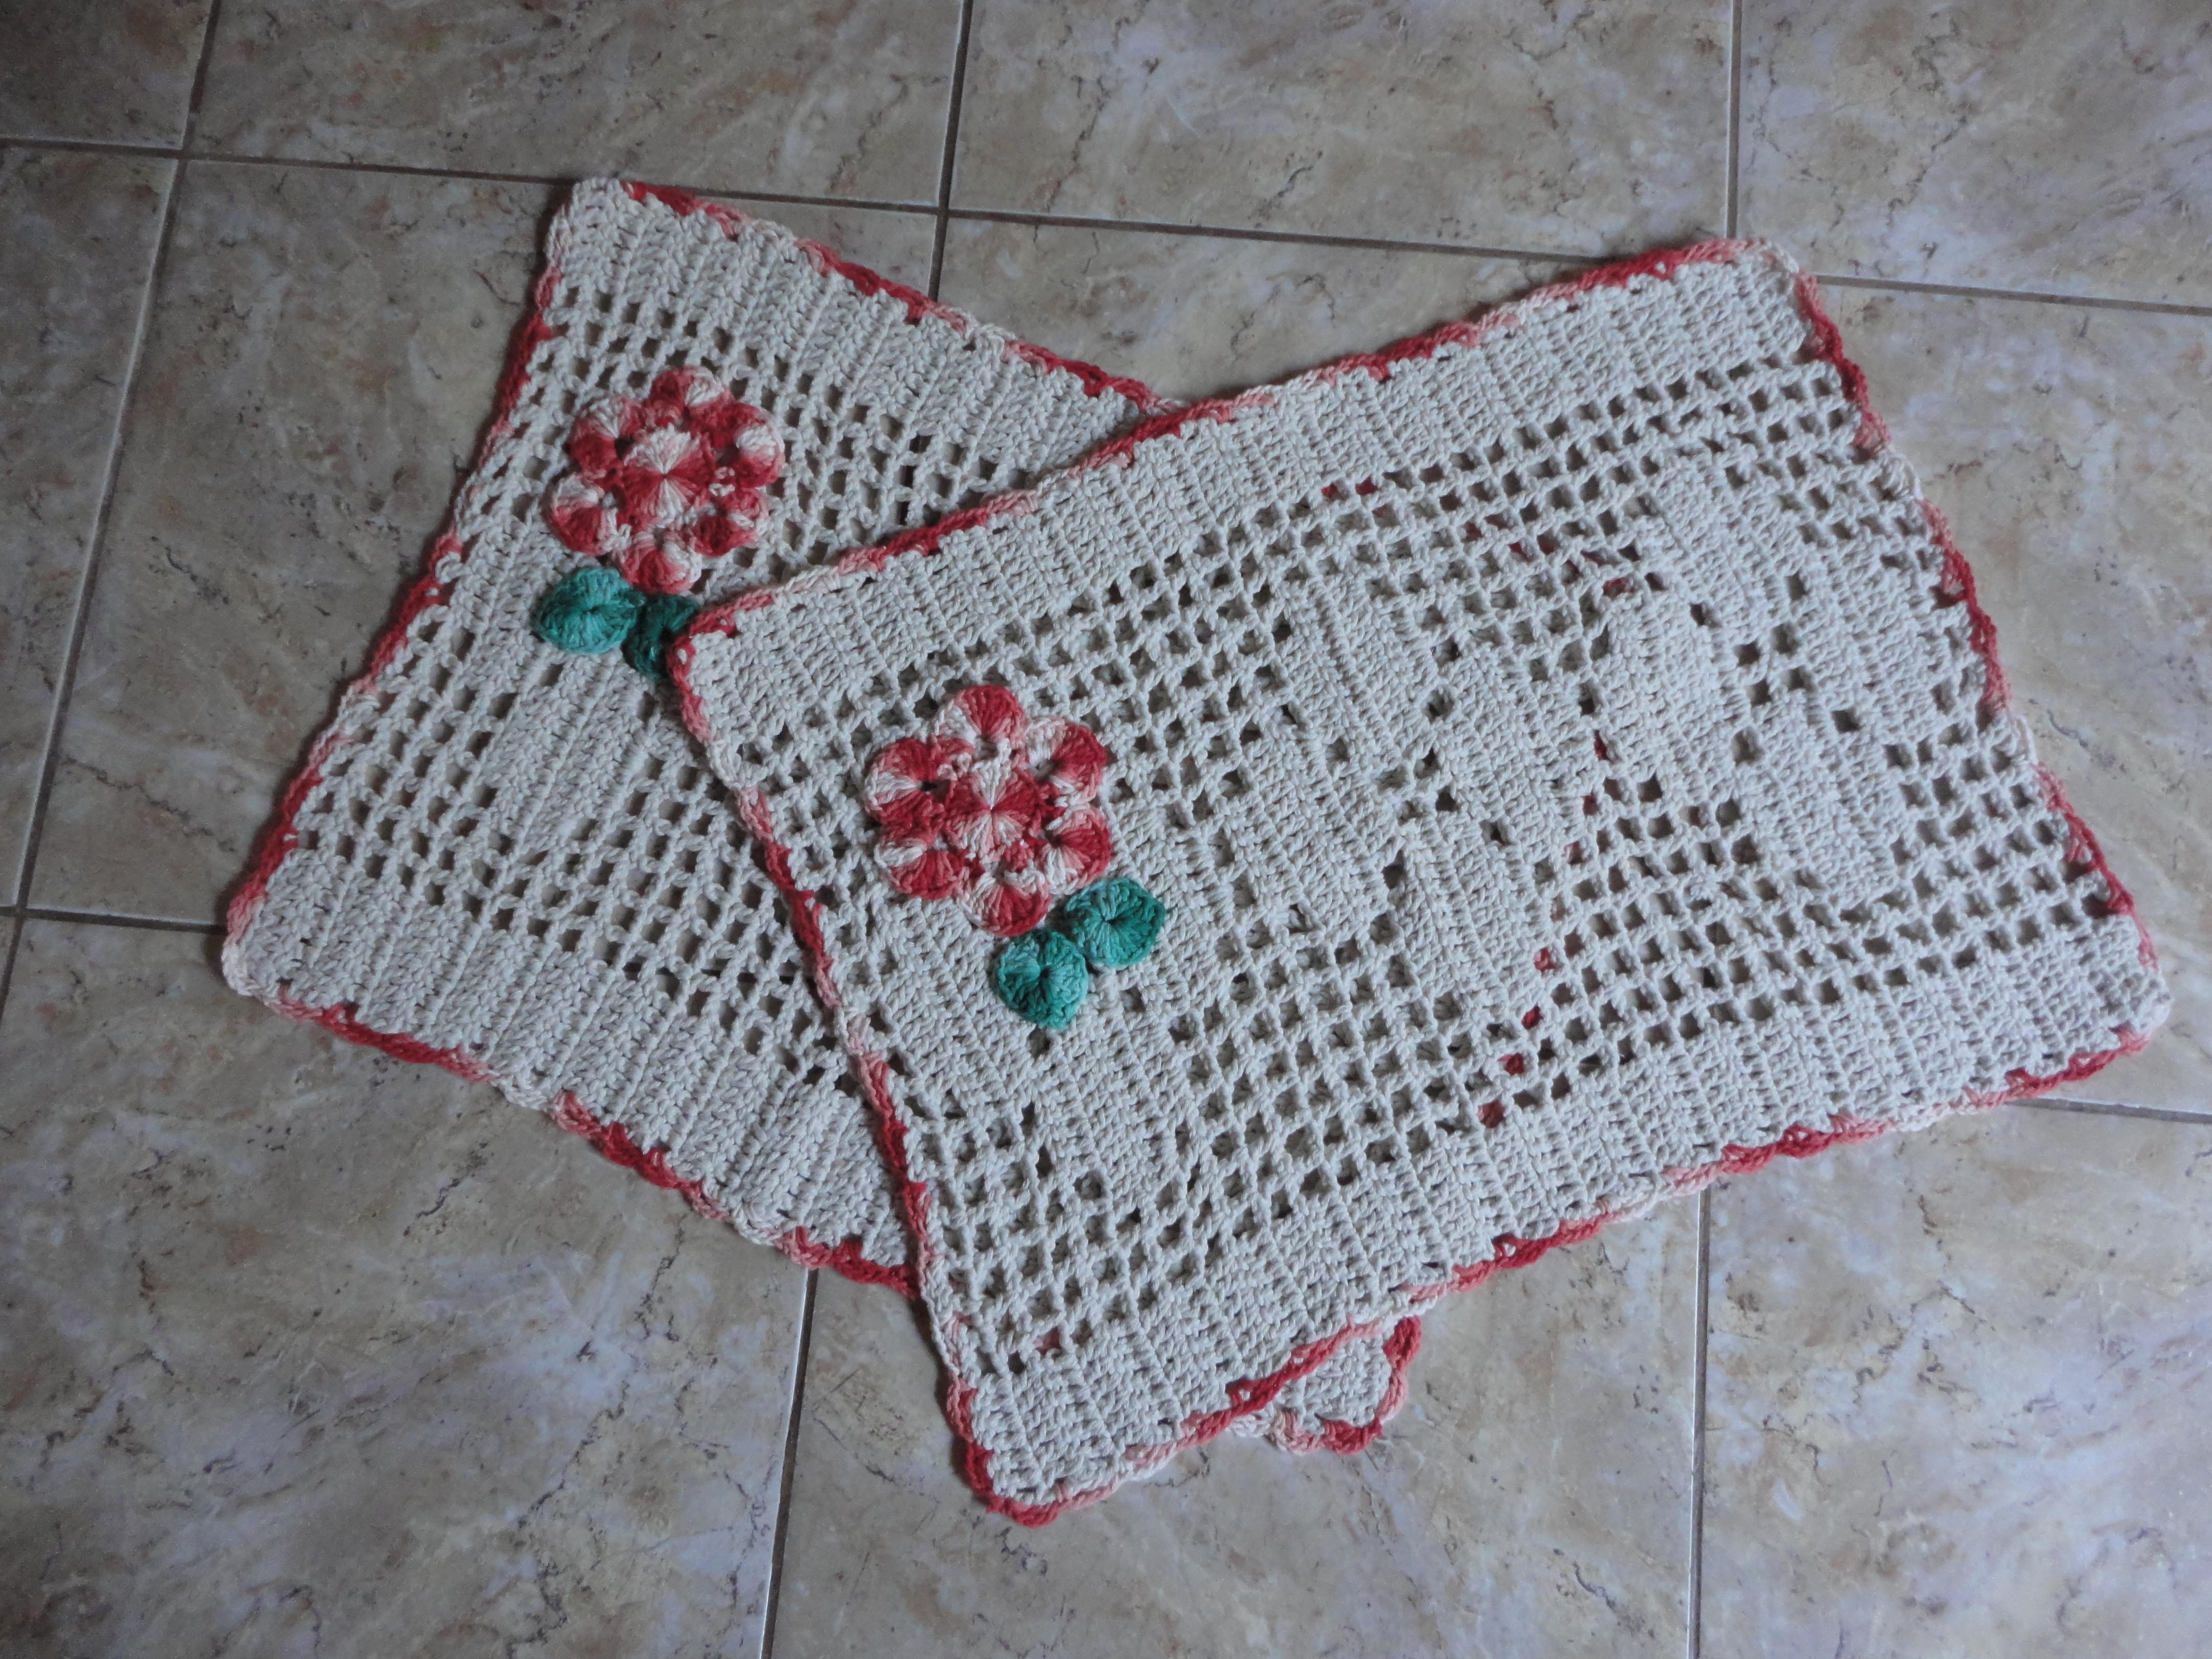 Fotos De Jogo De Tapete P Banheiro Em Crochê Barbante 04 Peças Pictures to pi -> Banheiro Decorado Com Croche